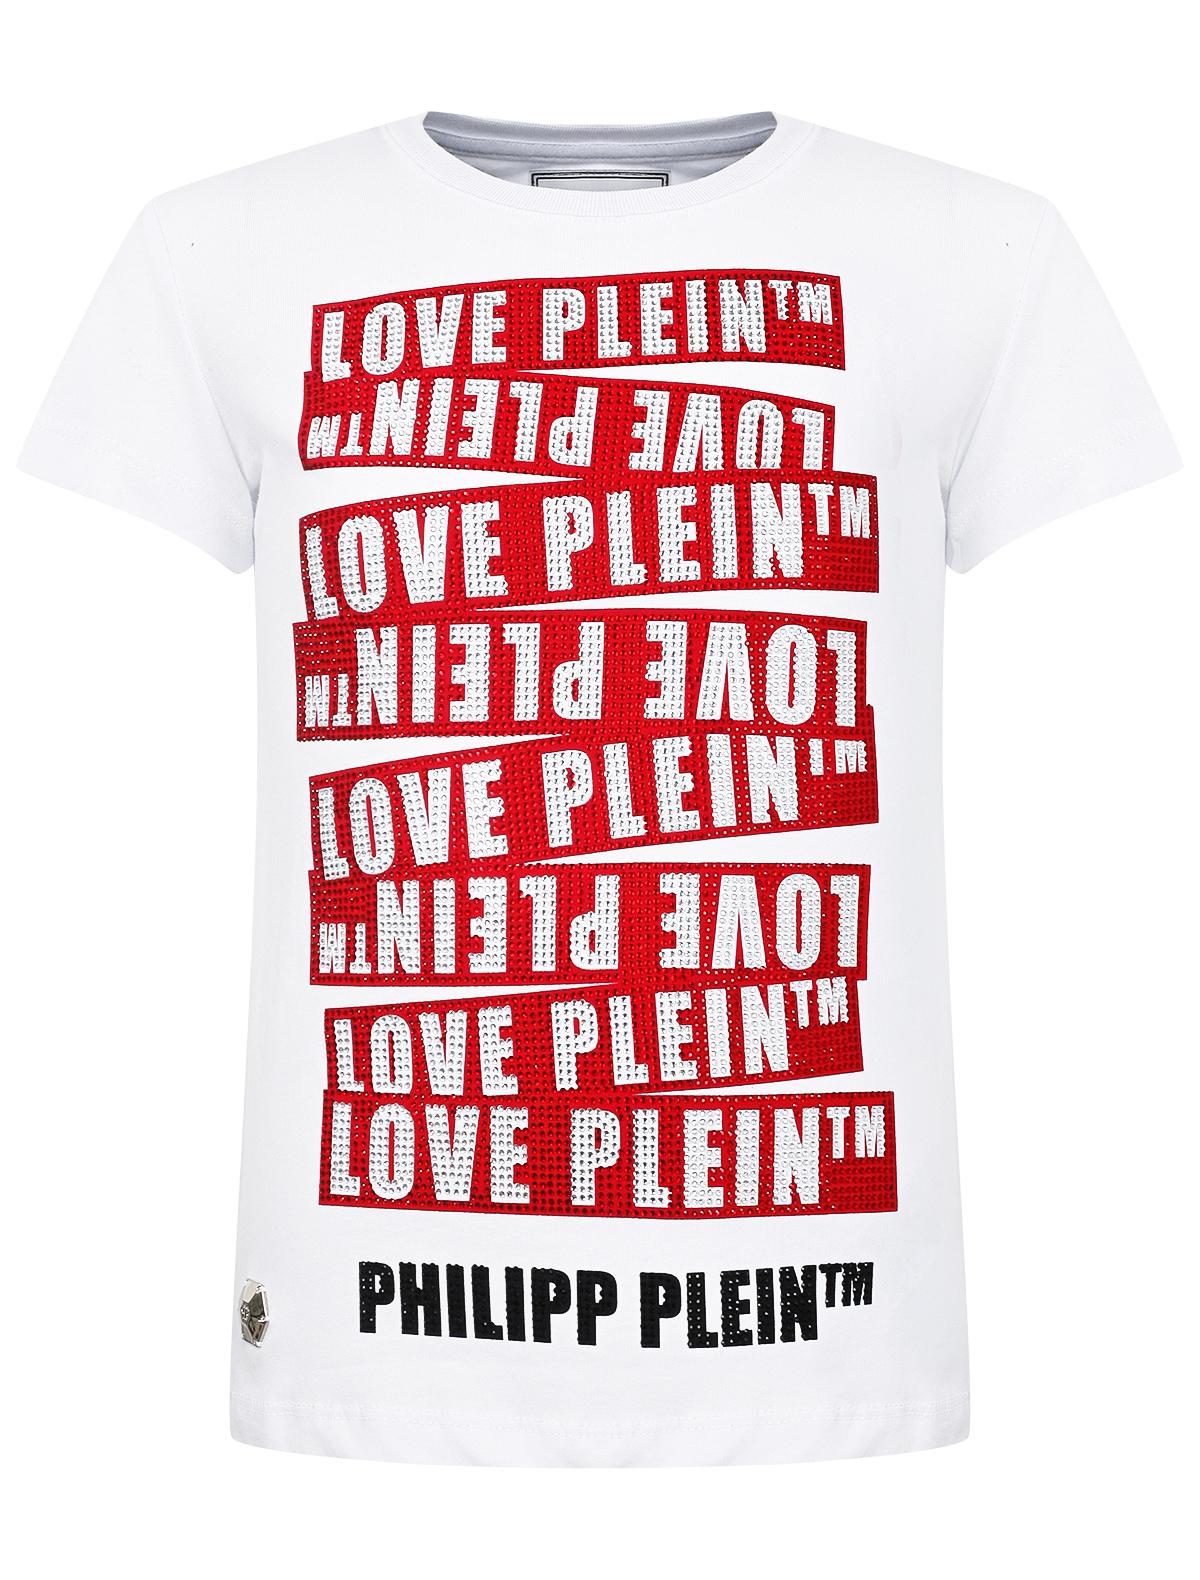 2043335, Футболка Philipp Plein, белый, Женский, 1131209980448  - купить со скидкой